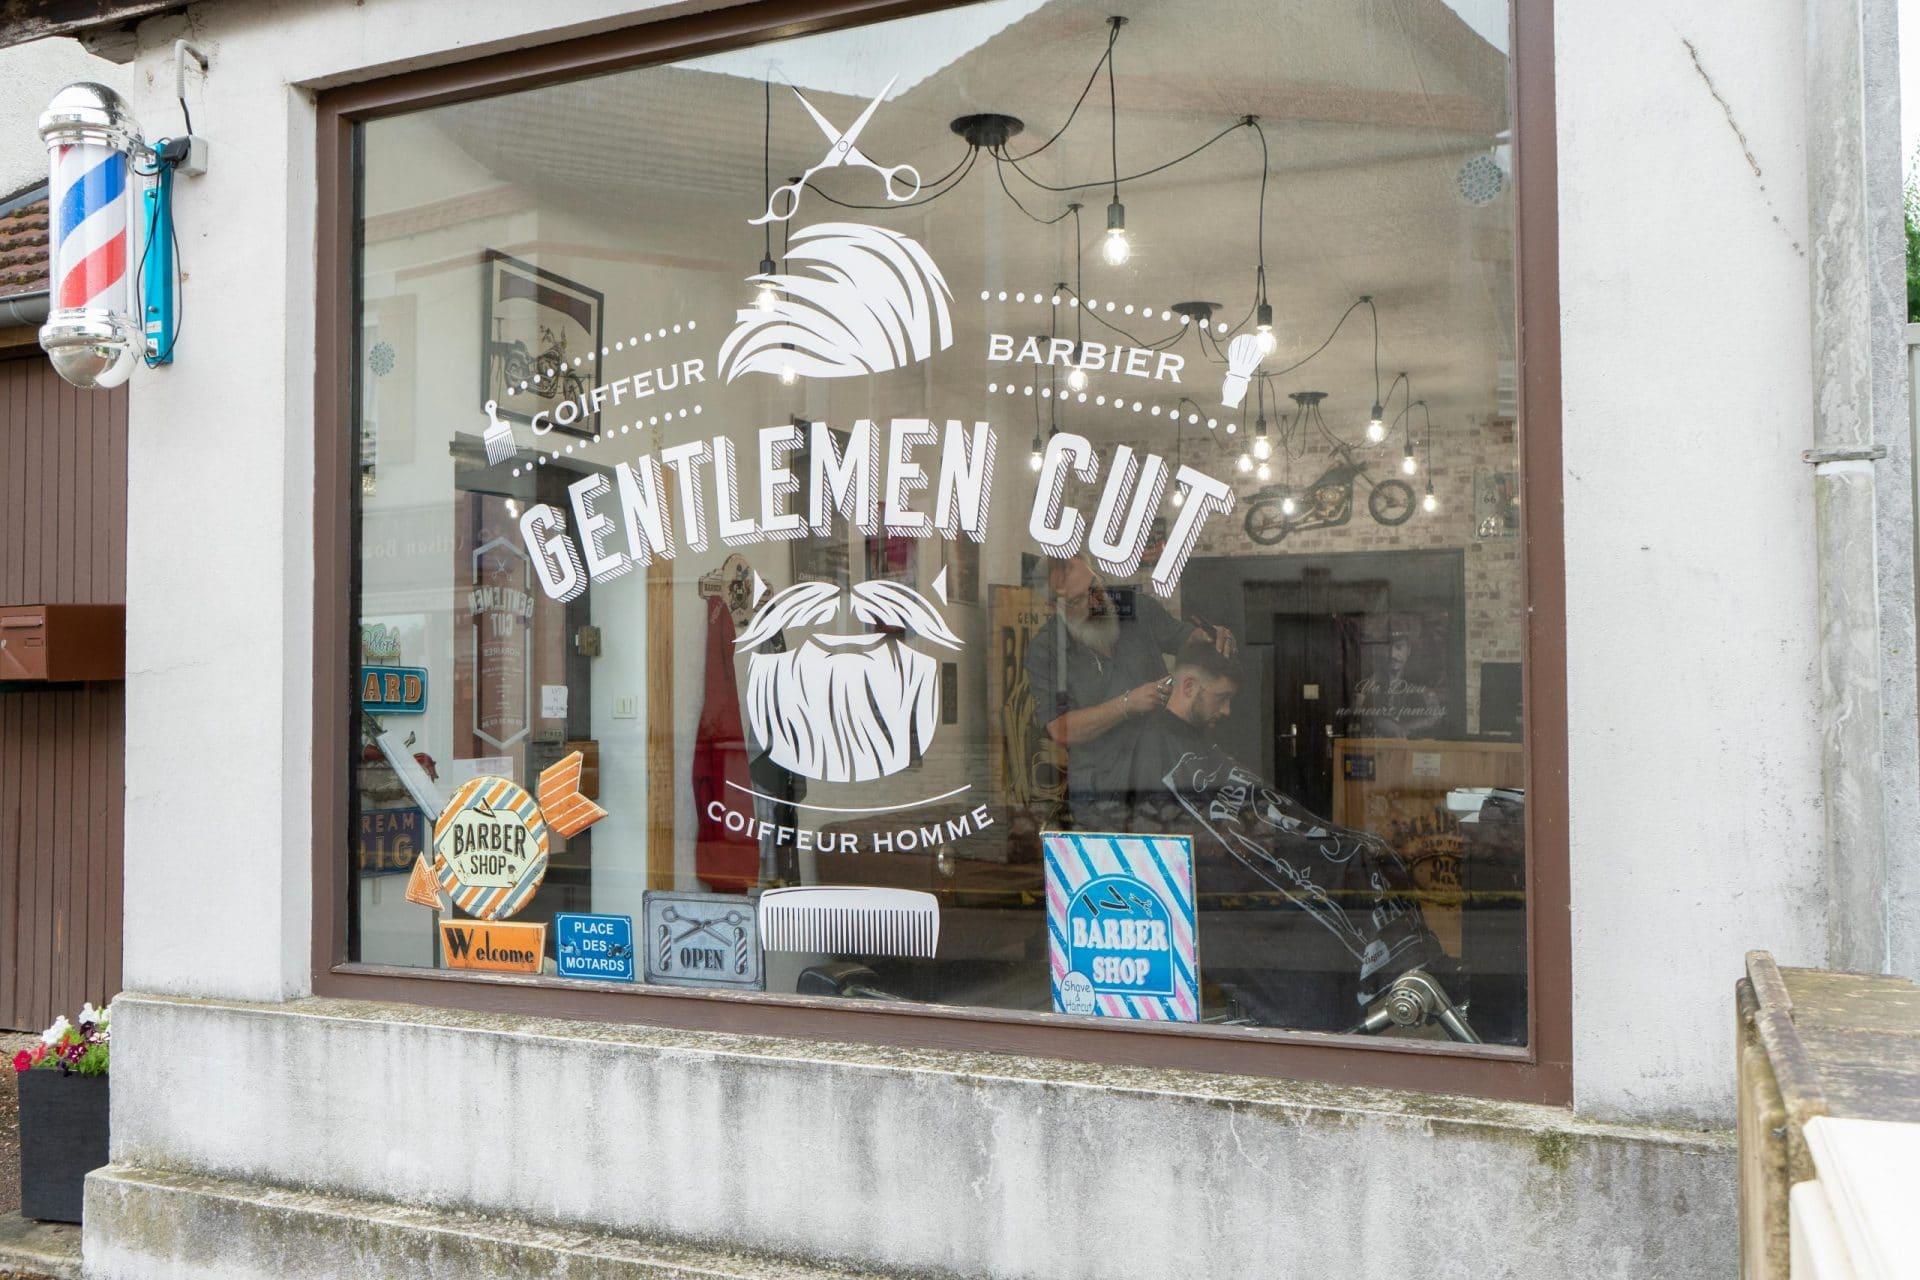 Gentlemen Cut - Barber Shop